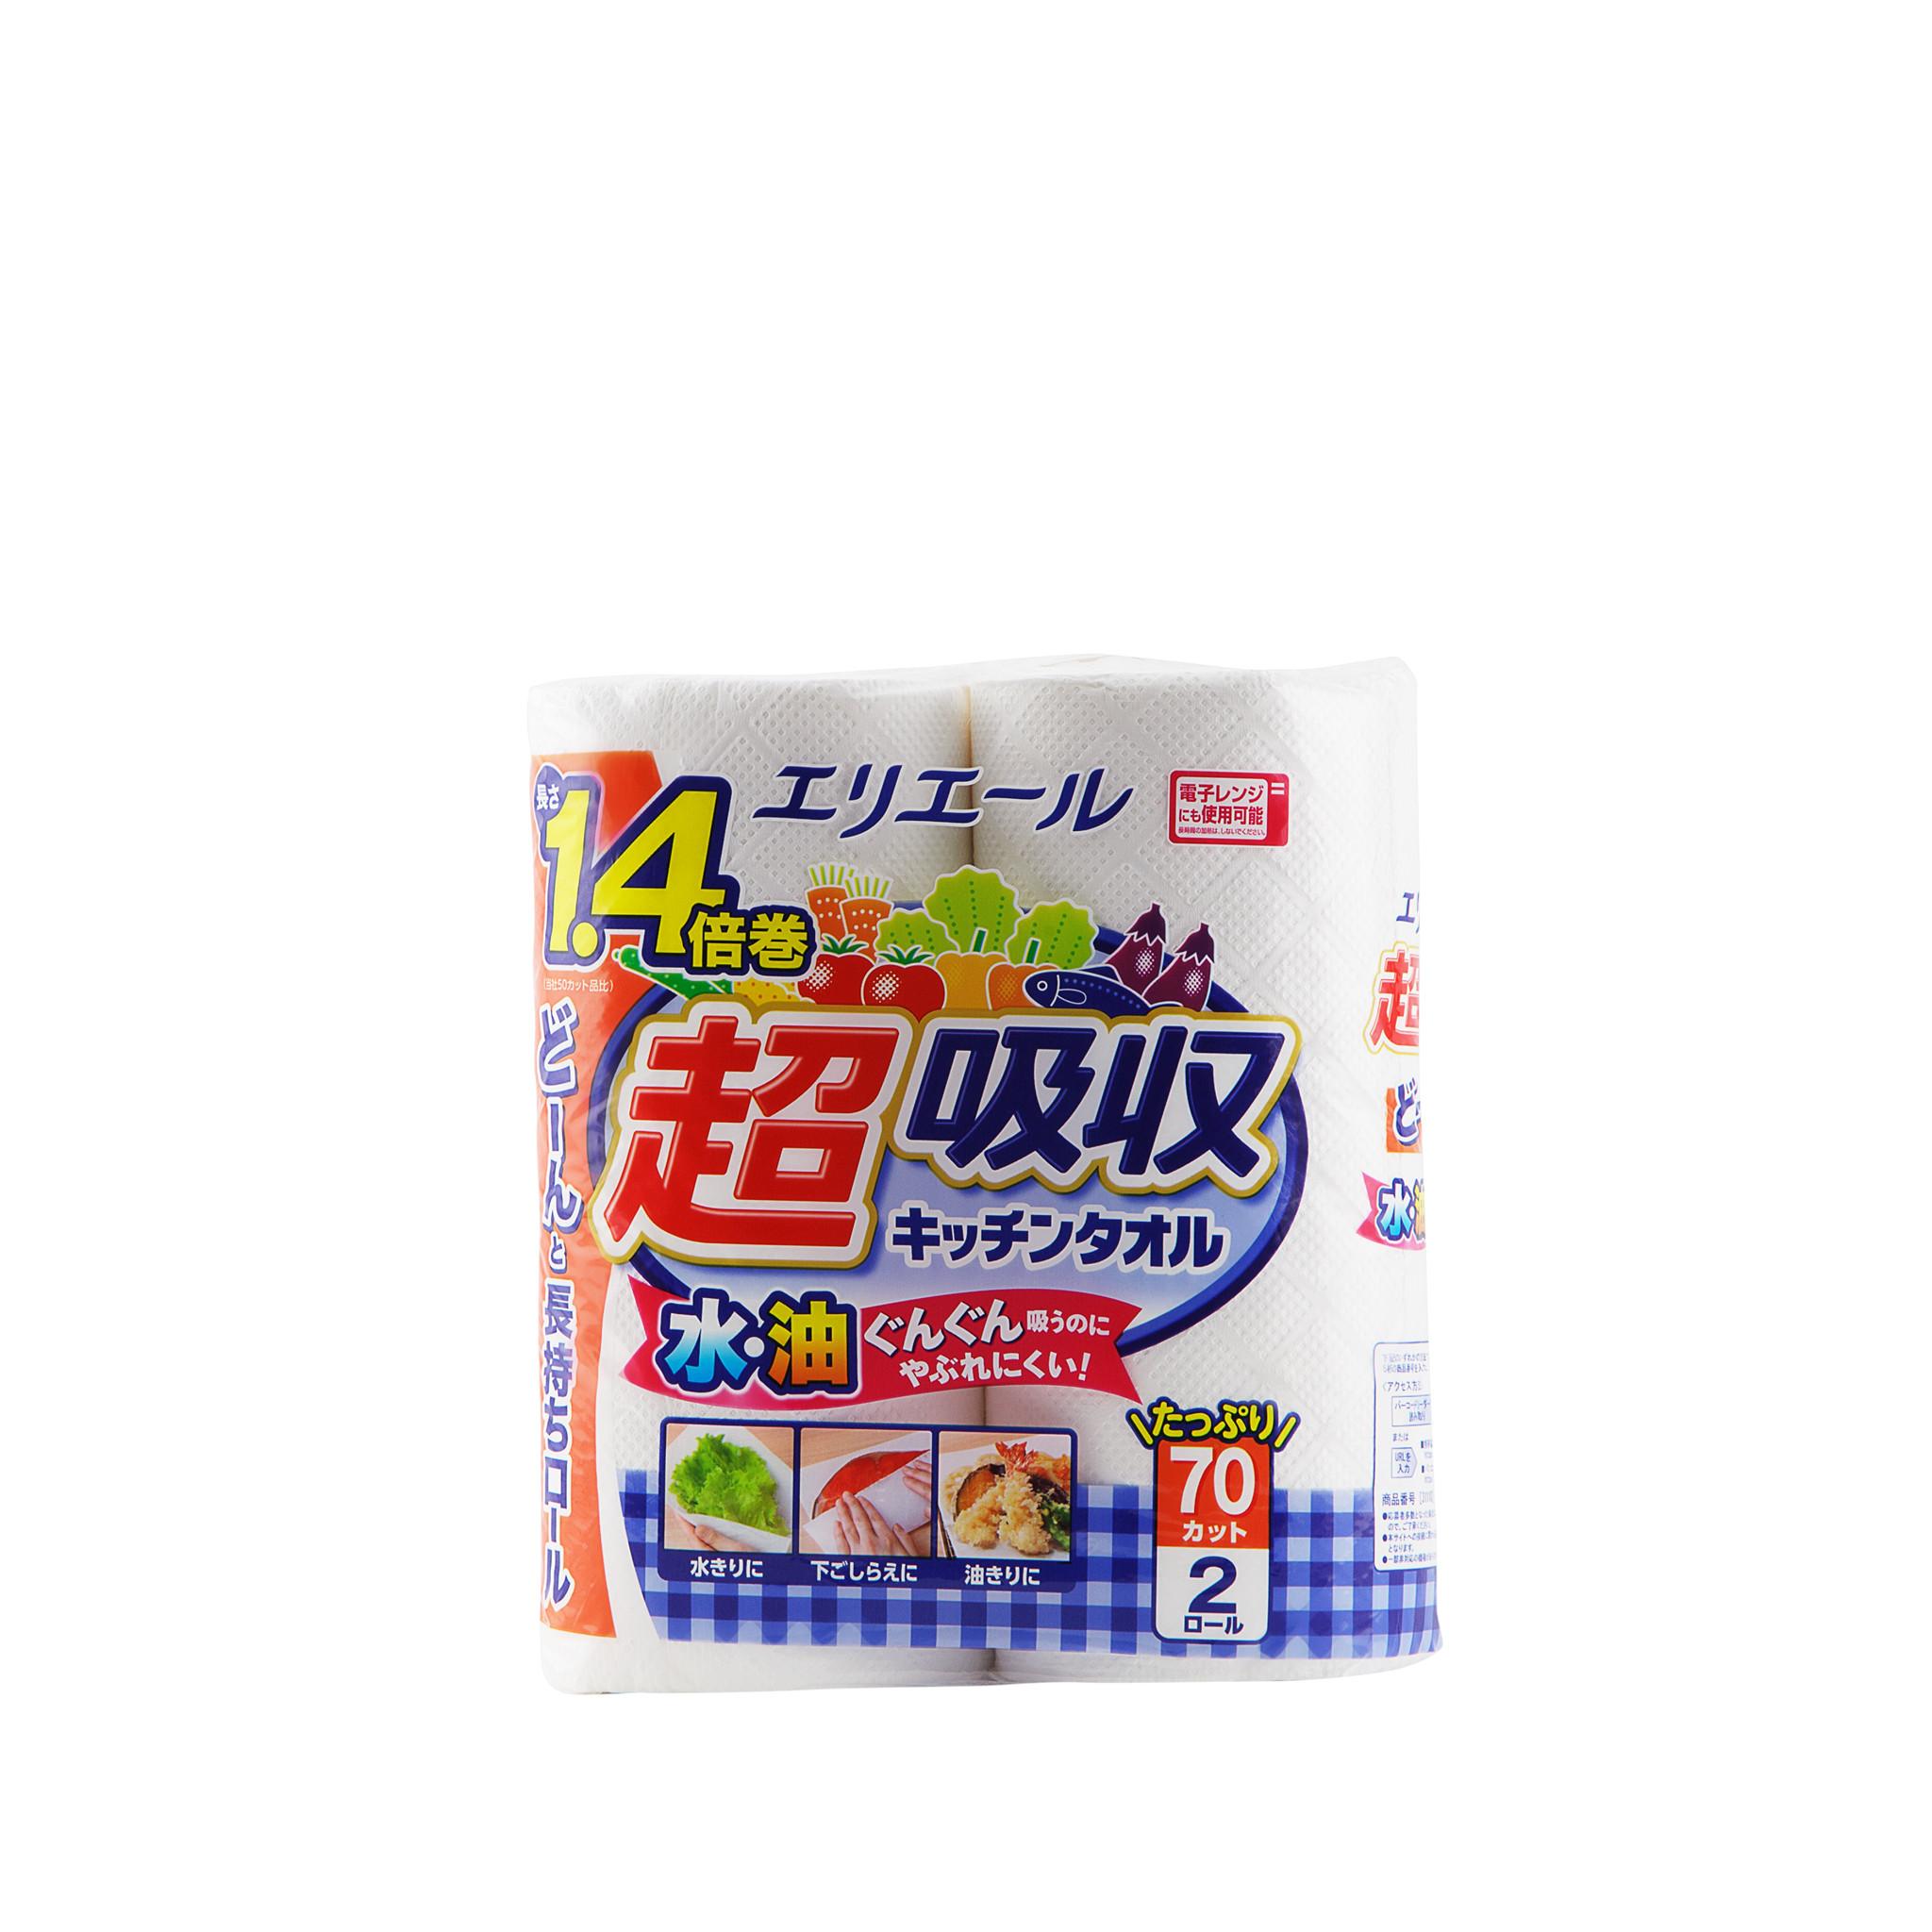 Set 2 cuộn khăn giấy bếp cao cấp Nhật Bản (70 tờ/cuộn)